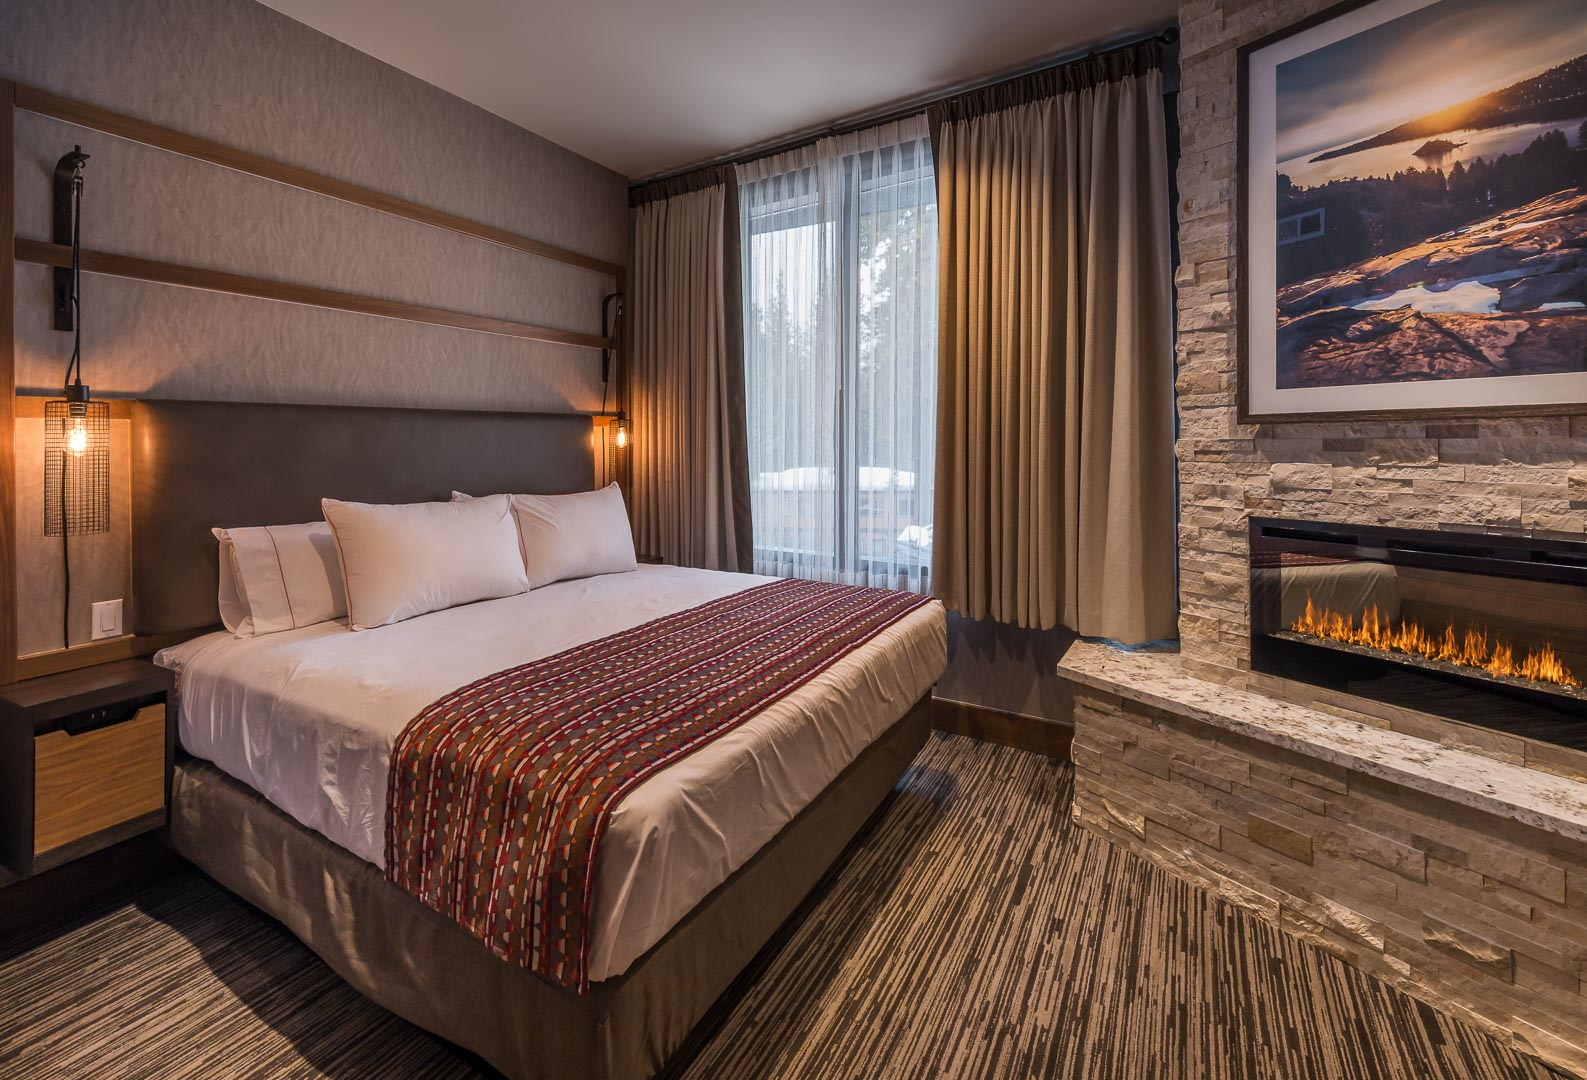 The lobby at VRI's Tahoe Seasons Resort in California.